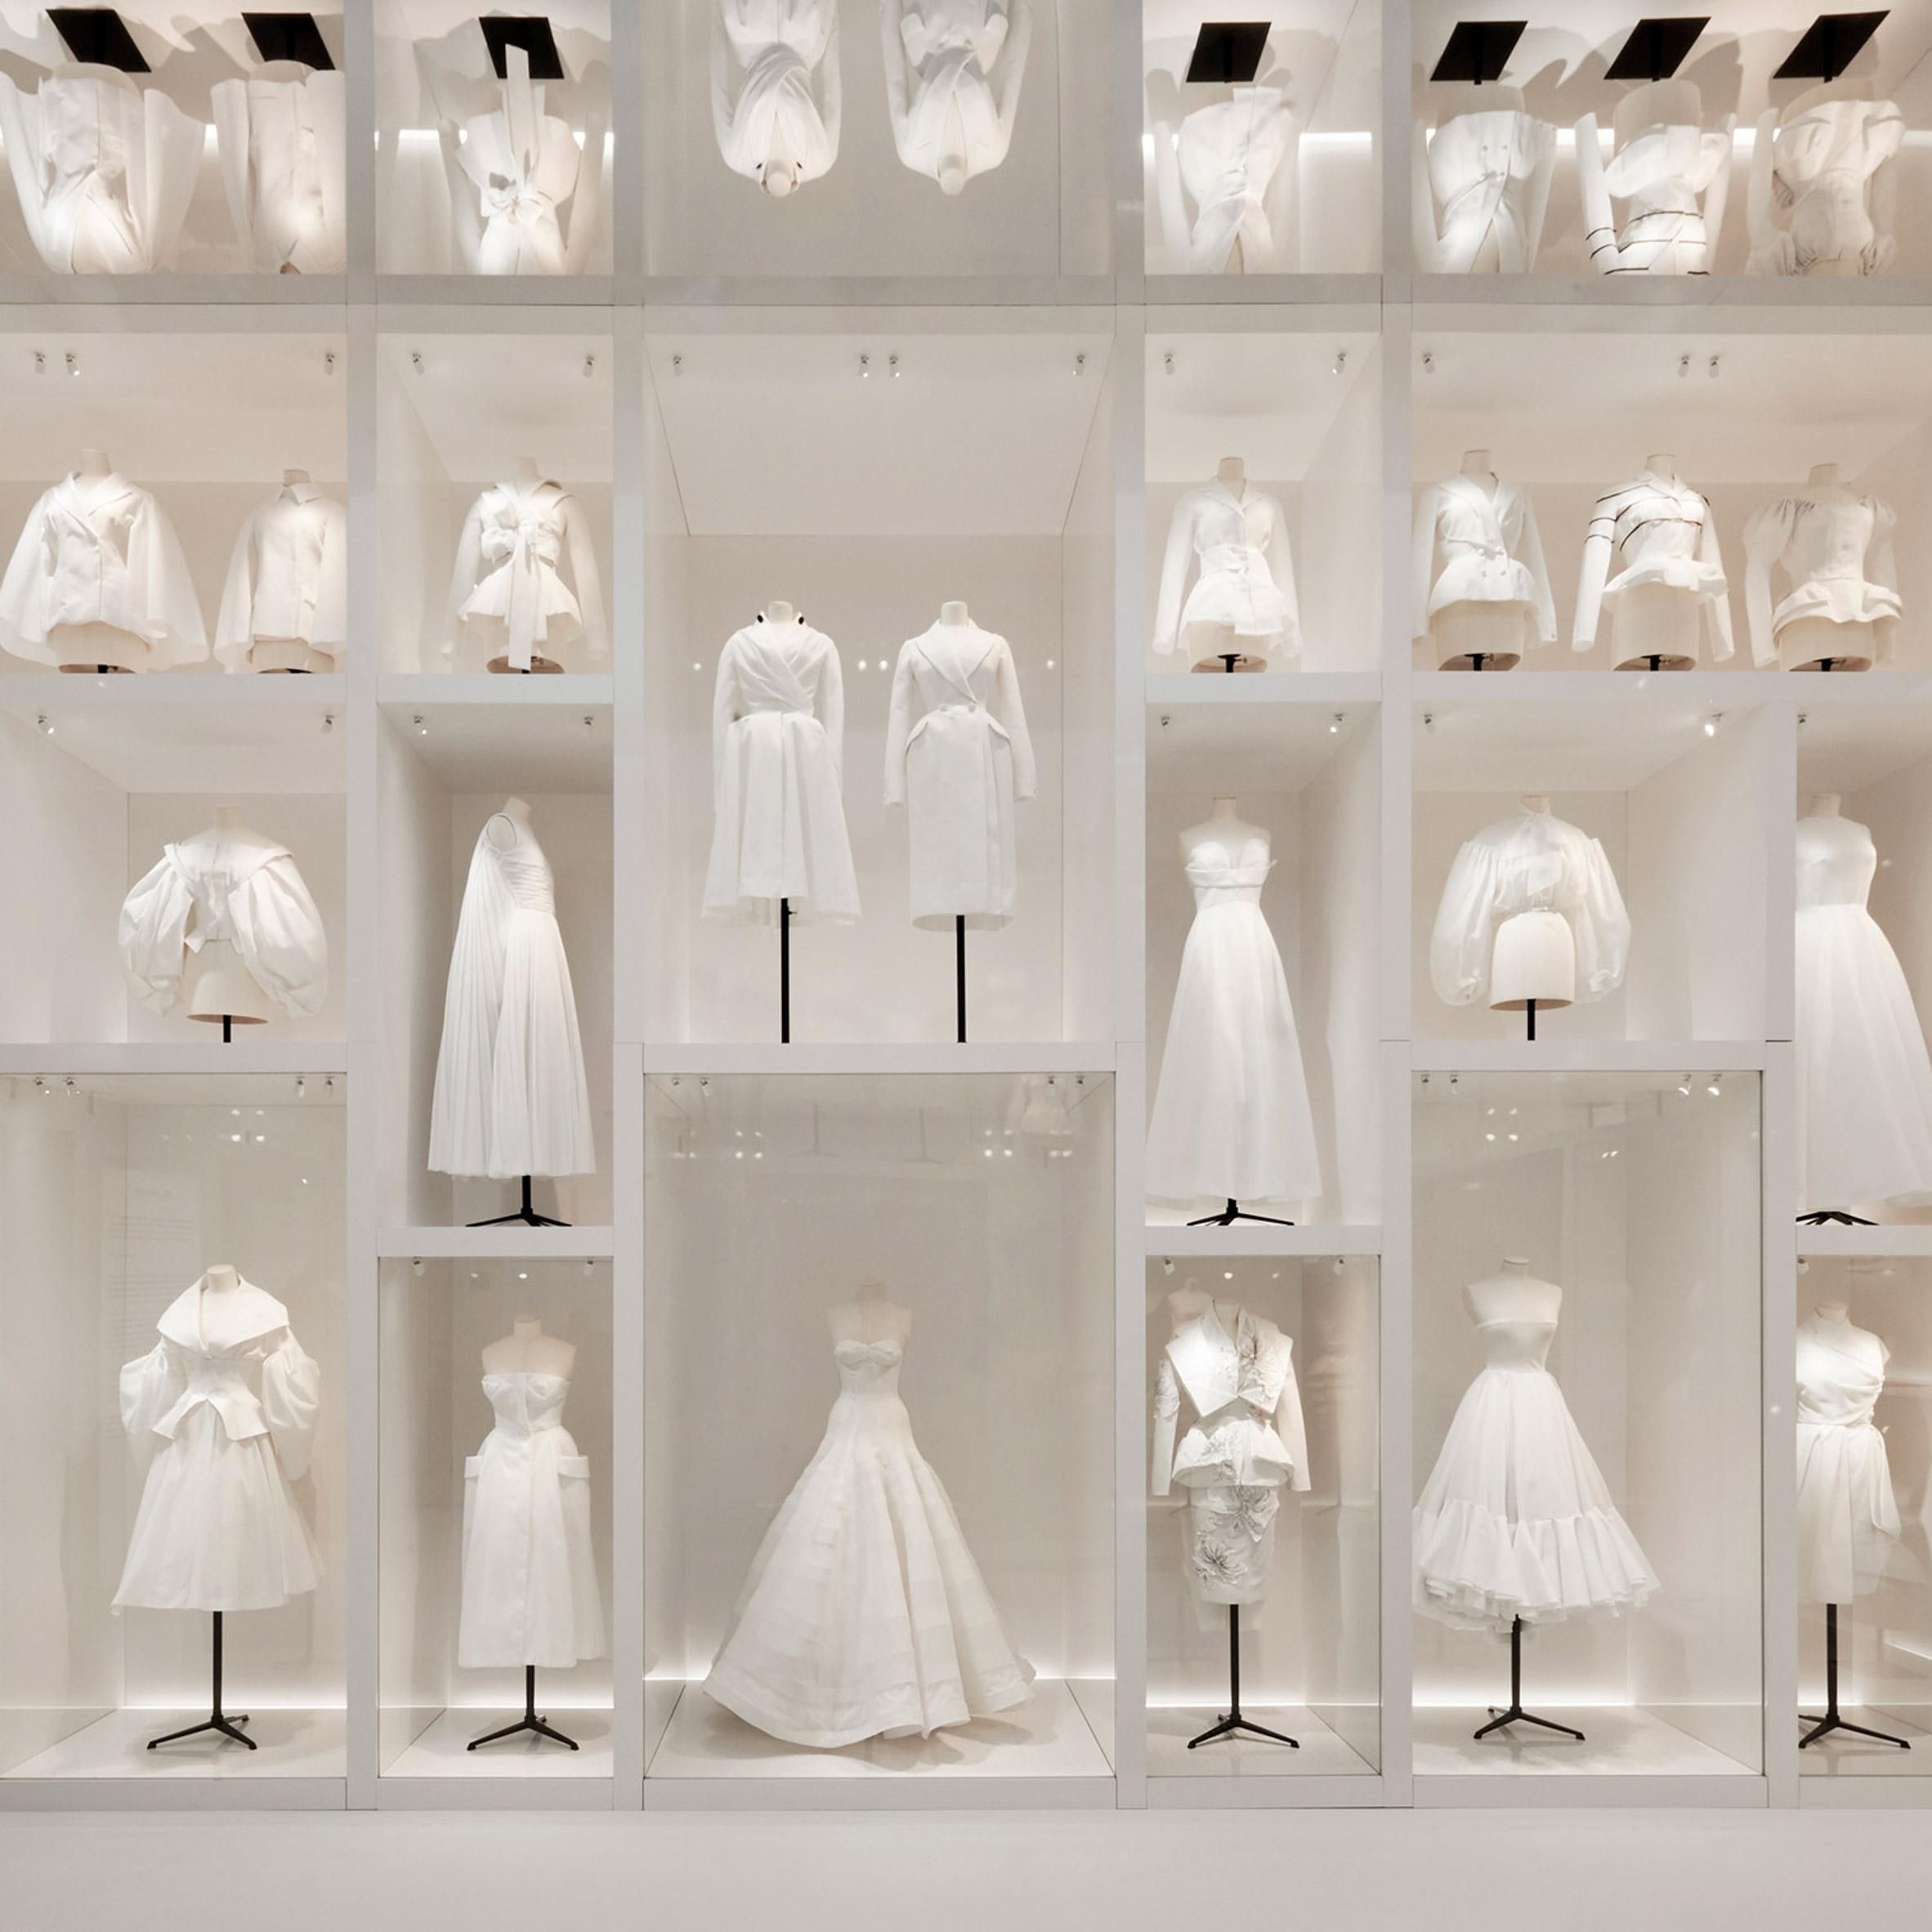 La moda y los museos